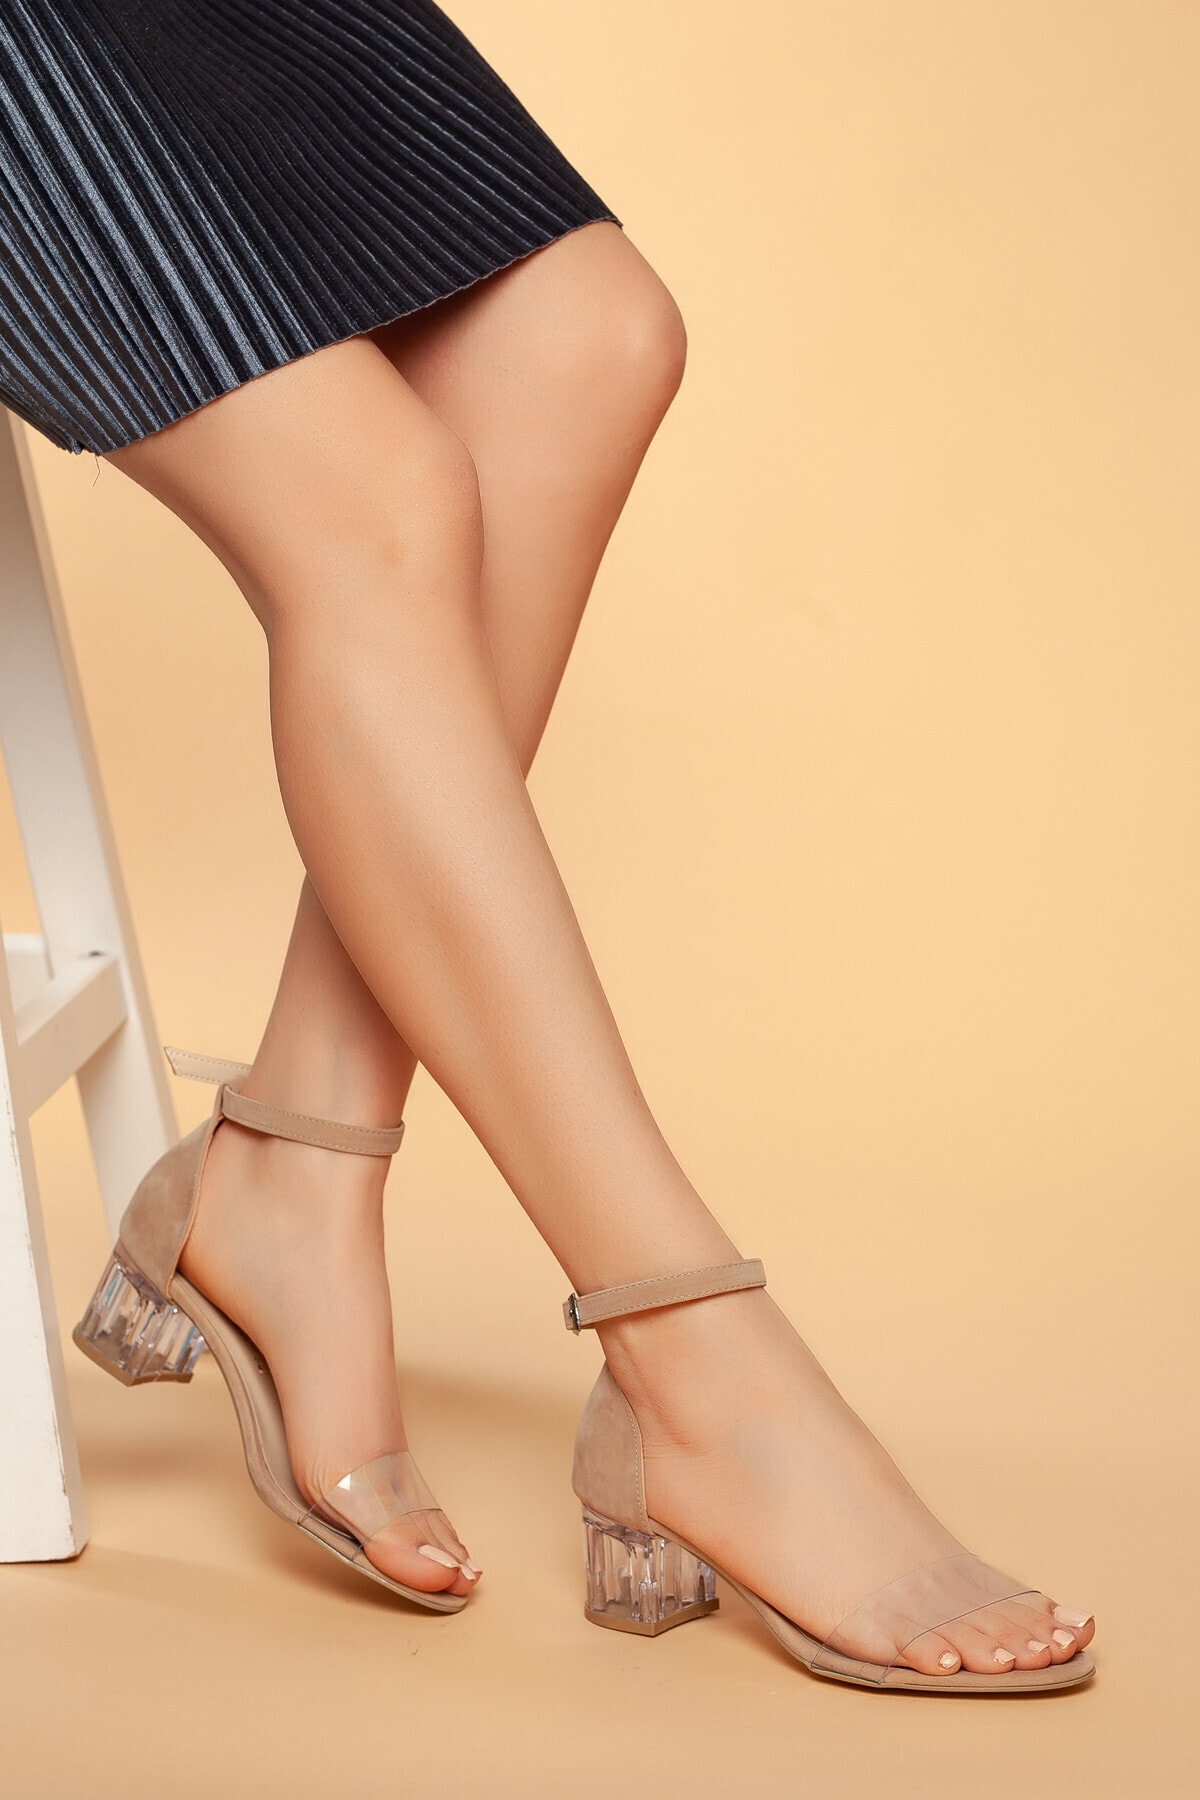 Daxtors Günlük Kadın Şefaf Topuklu Ayakkabı D045 1